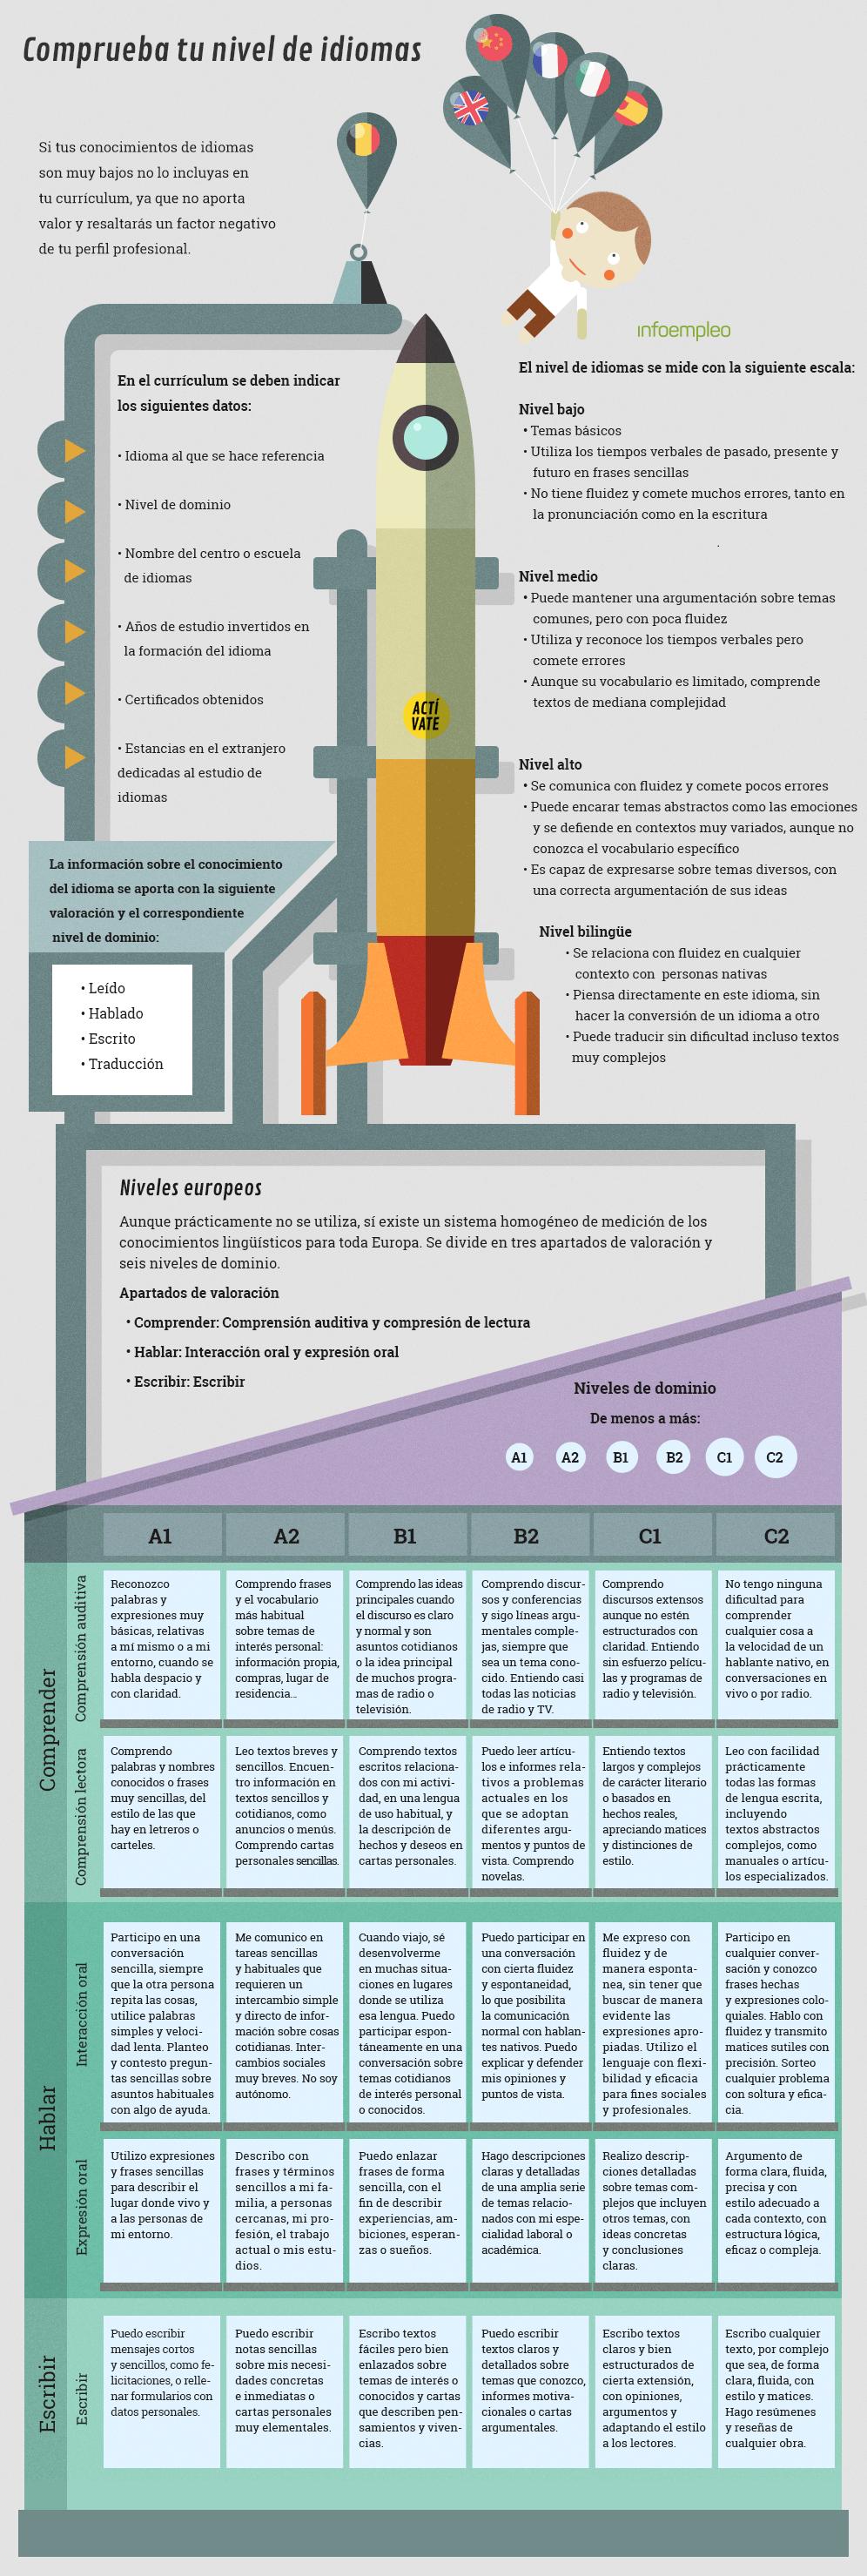 Infografía: Comprueba tu nivel de idiomas